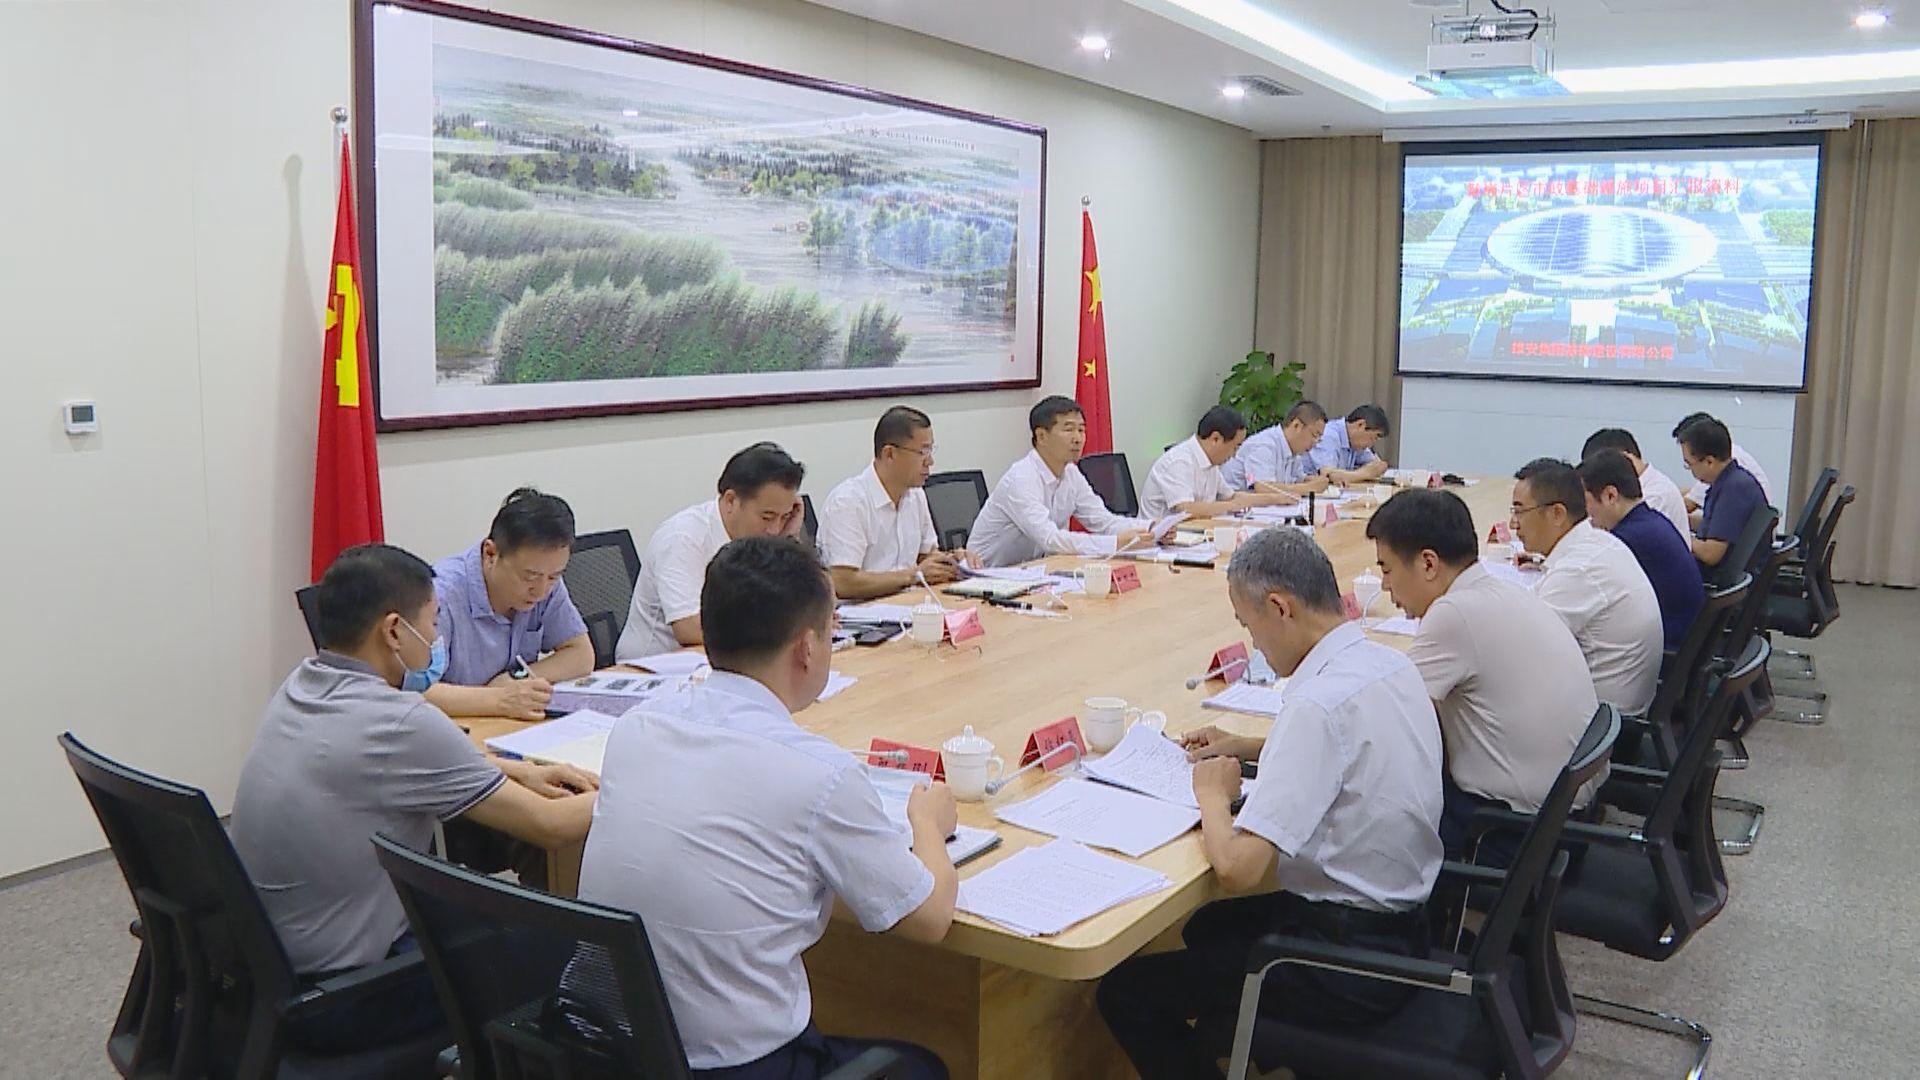 视频丨雄安新区召开高铁站开通专题调度会